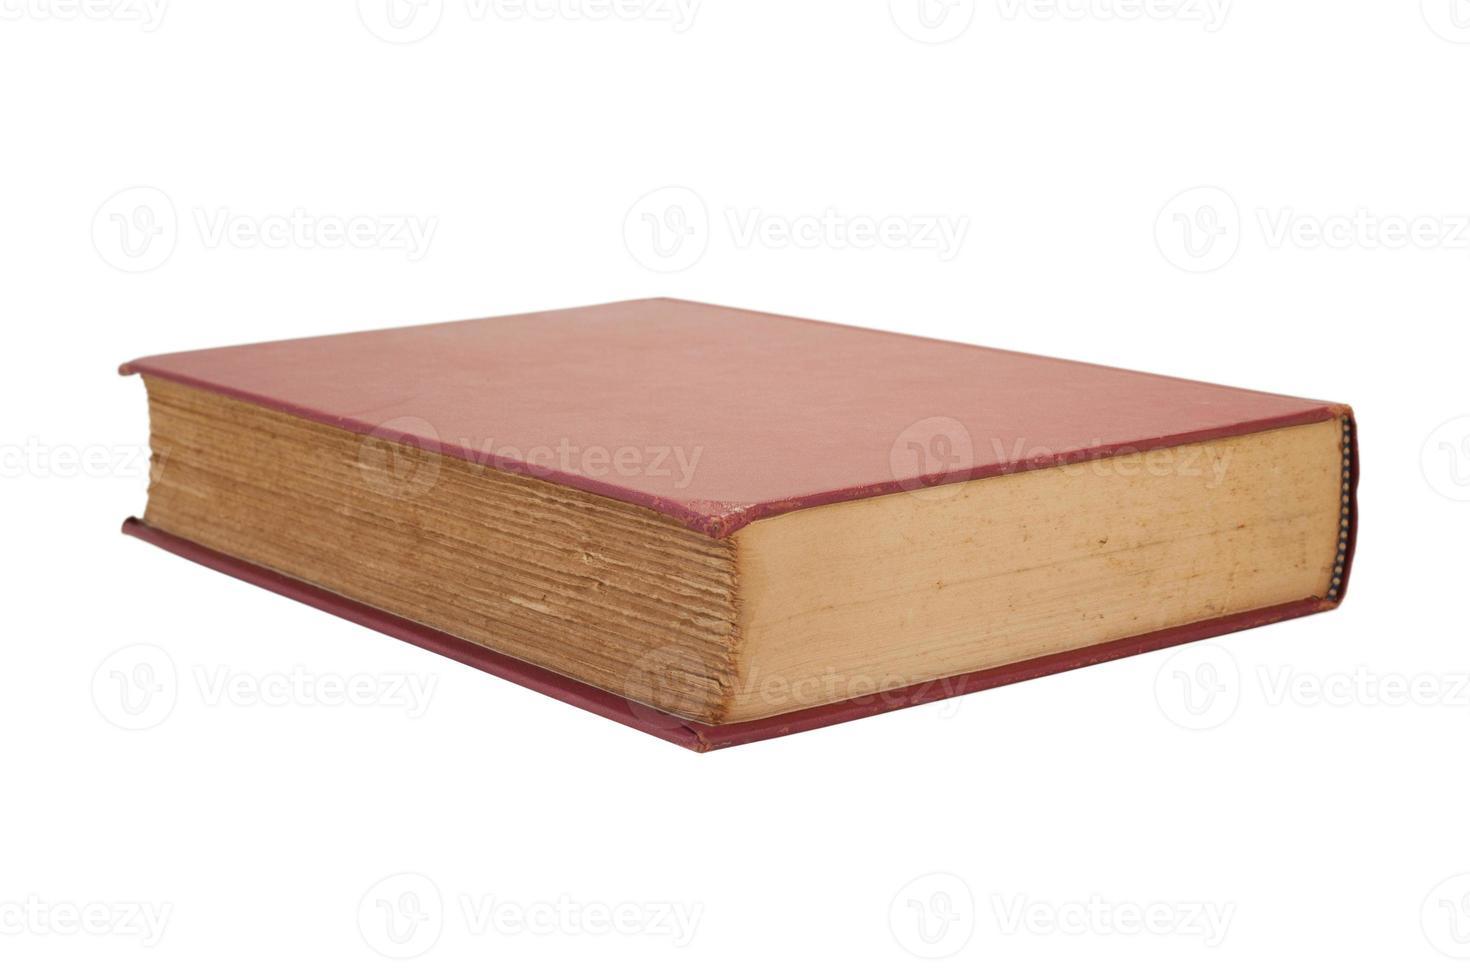 libro marrón foto